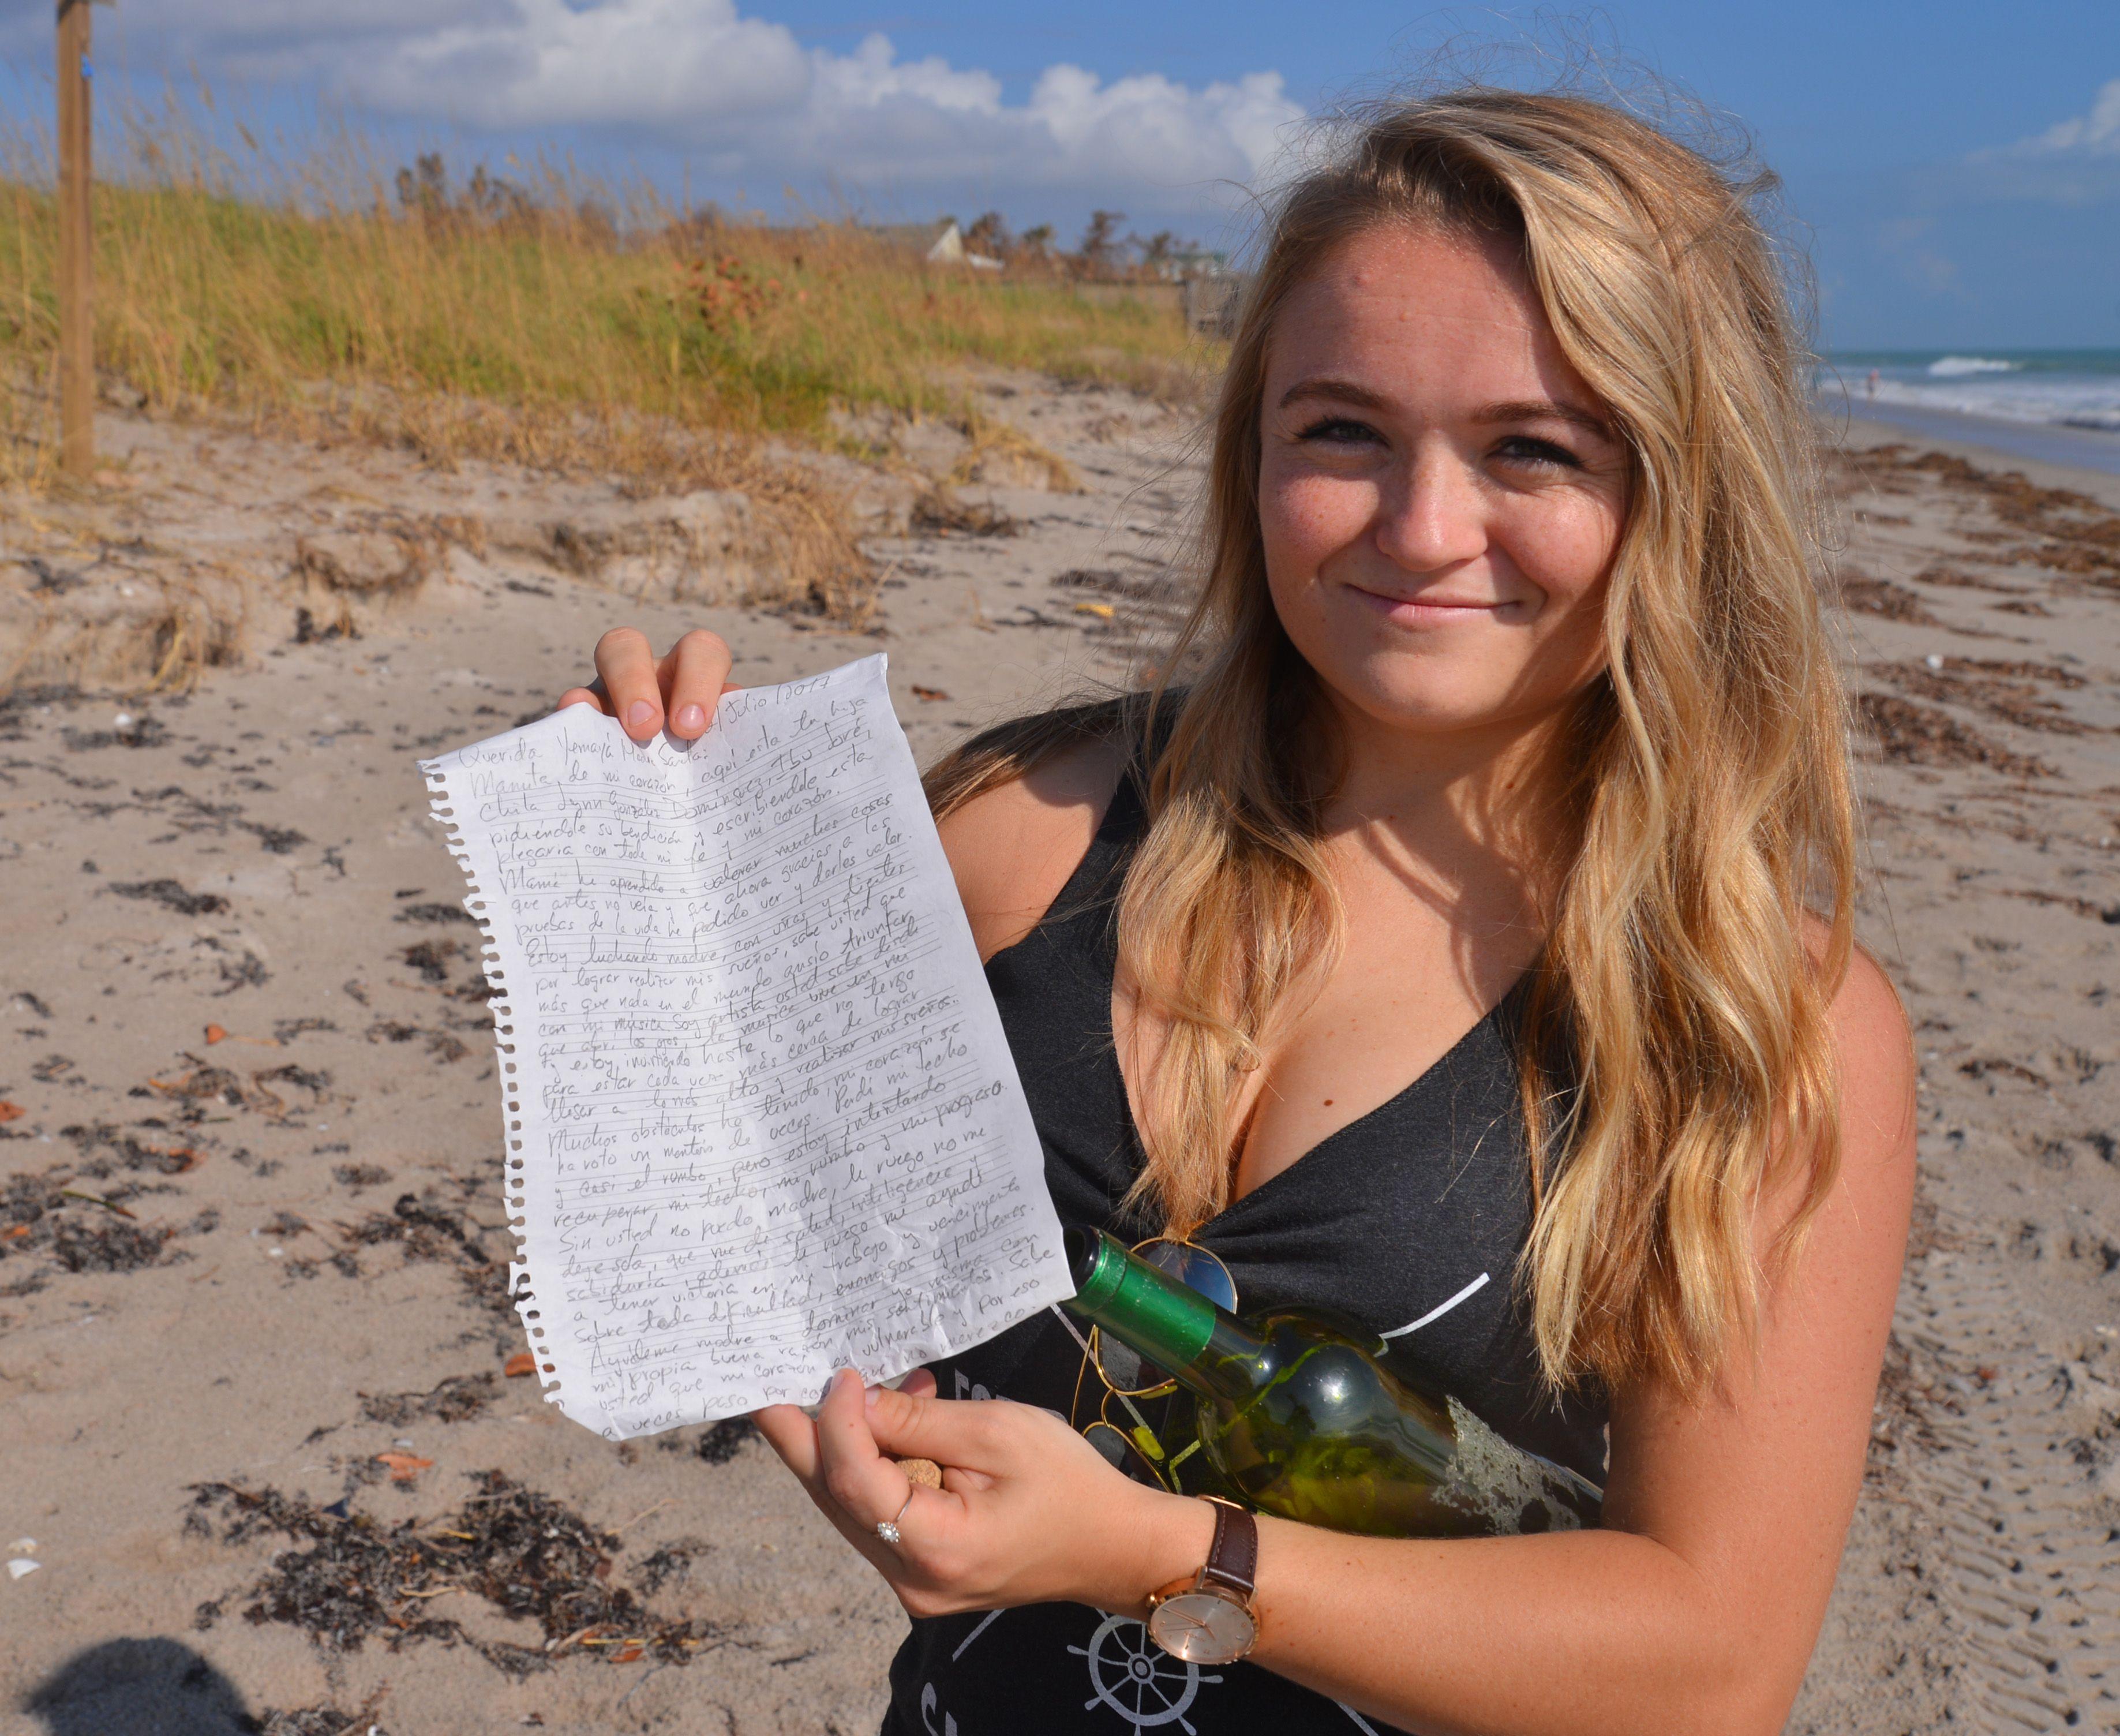 Nikki Snow reads message in bottle